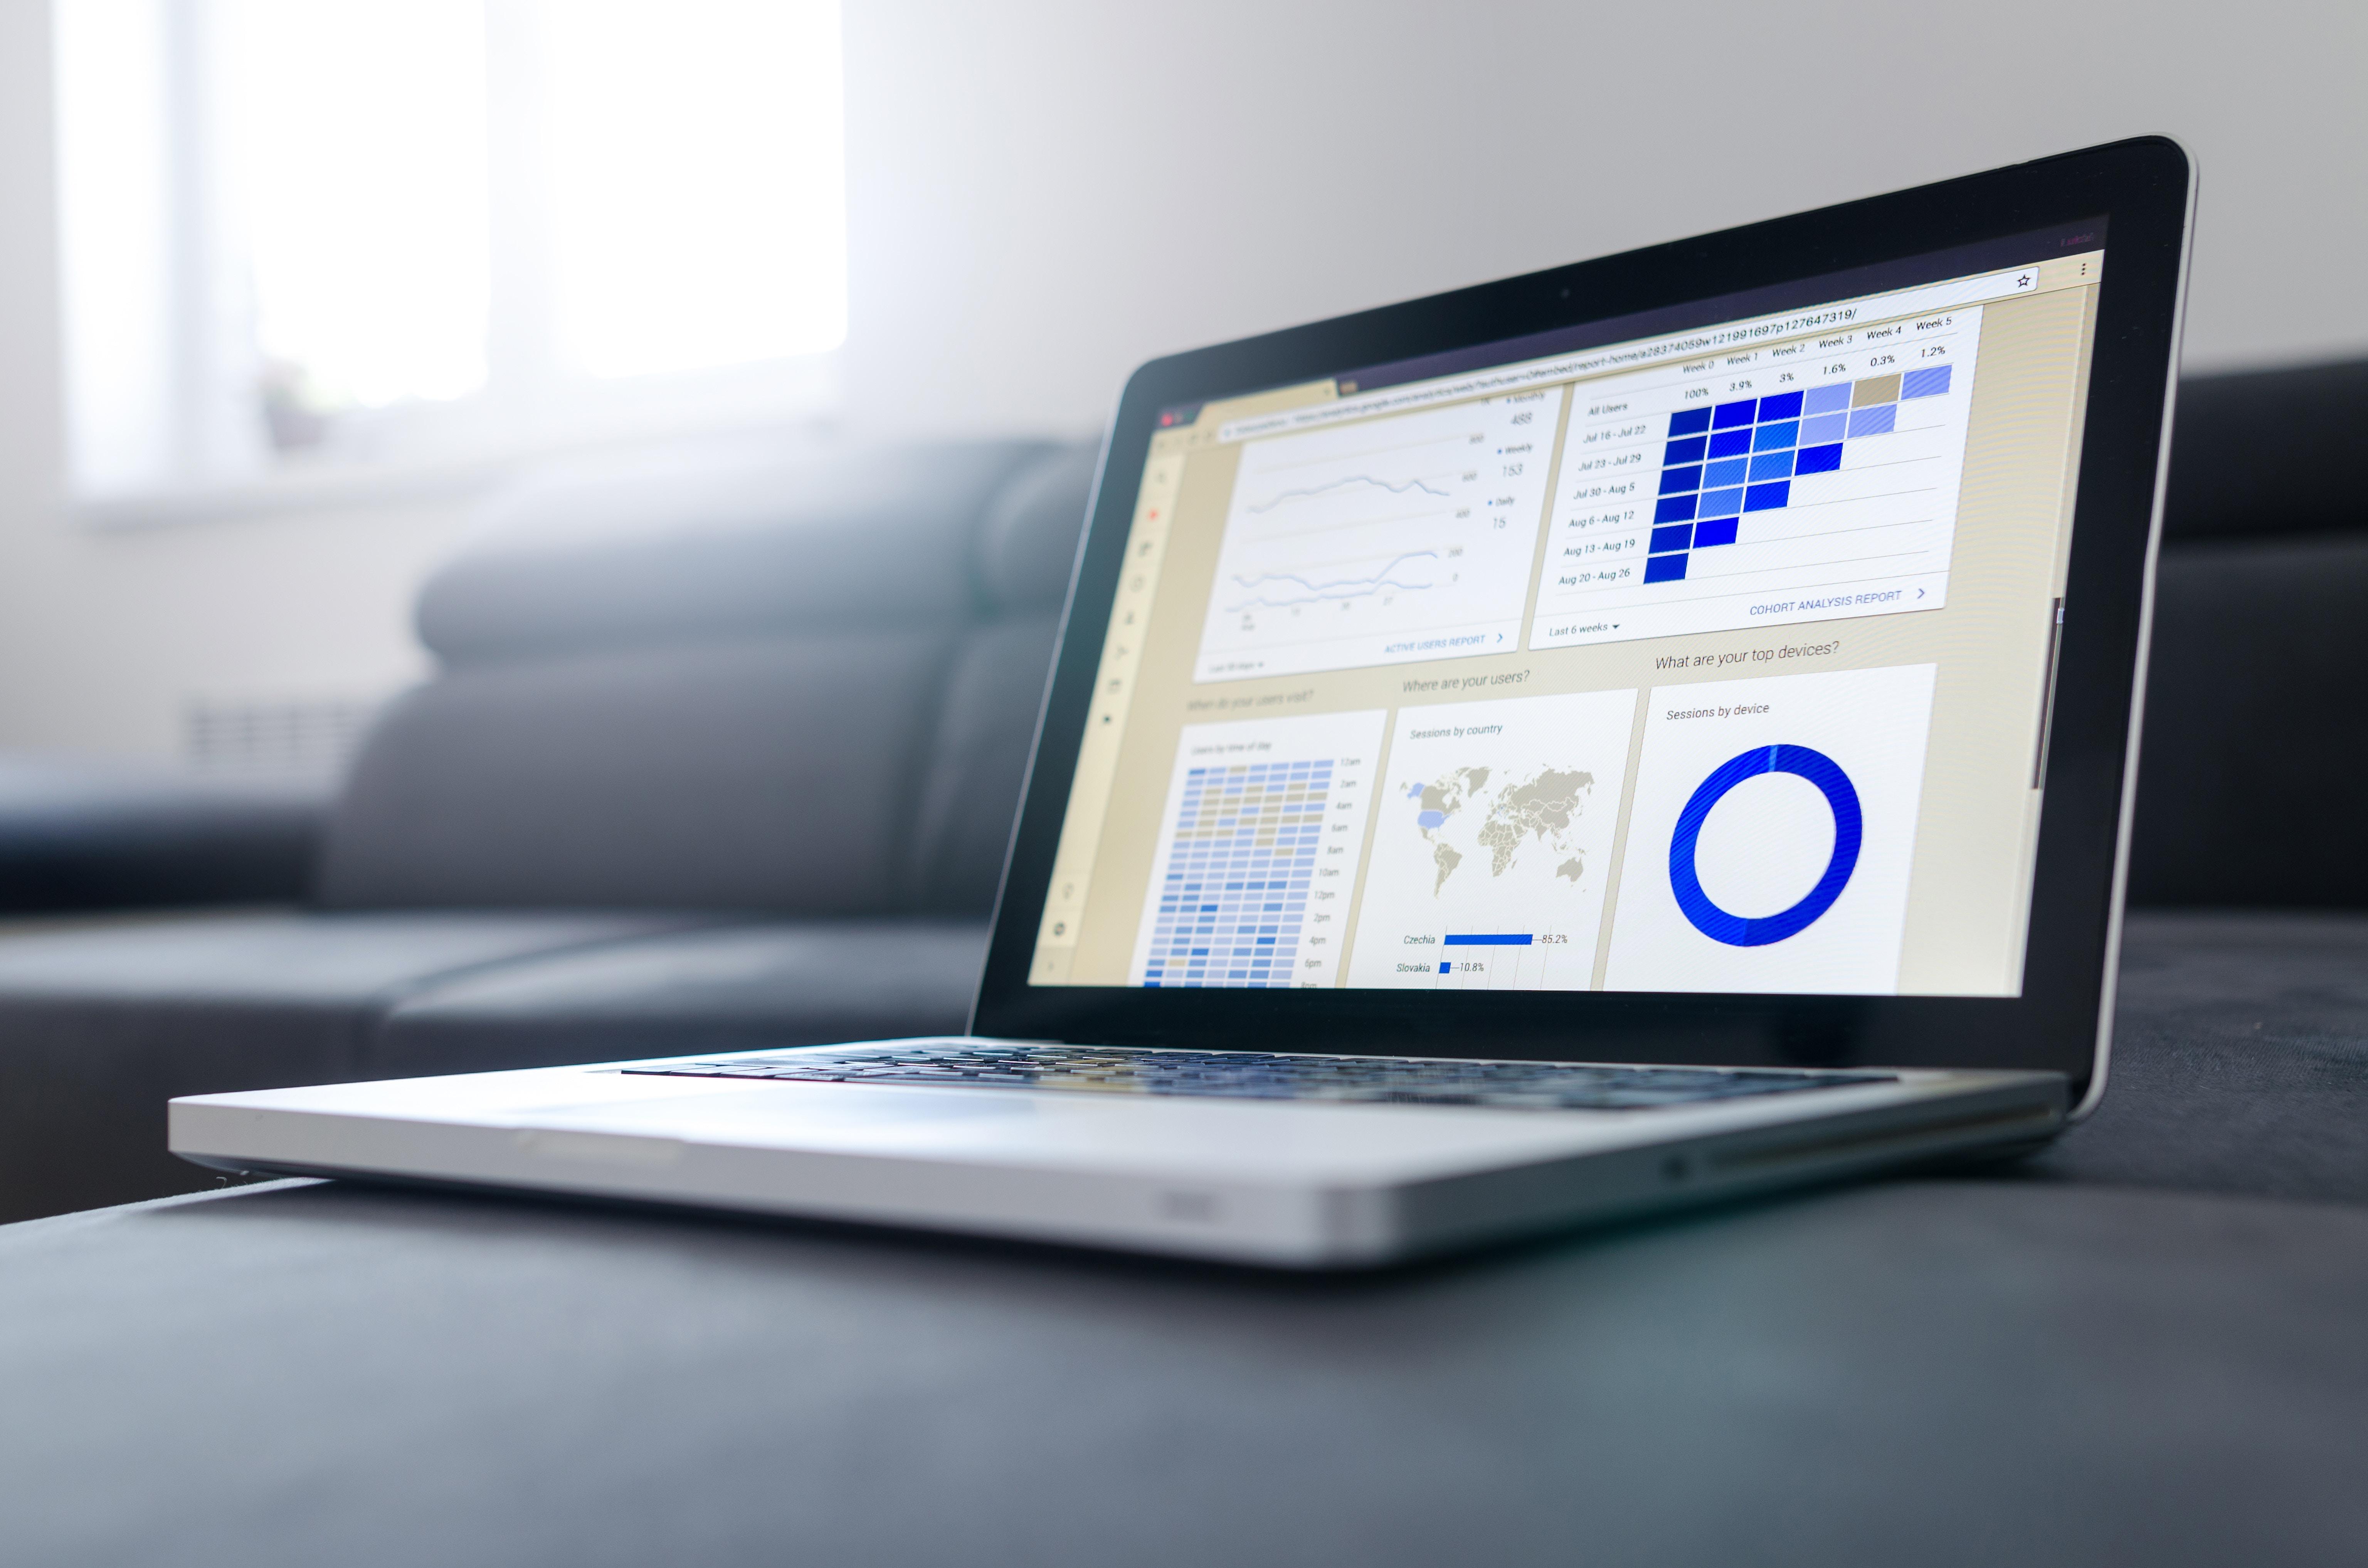 Un ordinateur mac affichant un dashboard avec des diagrammes en liens avec l' UX